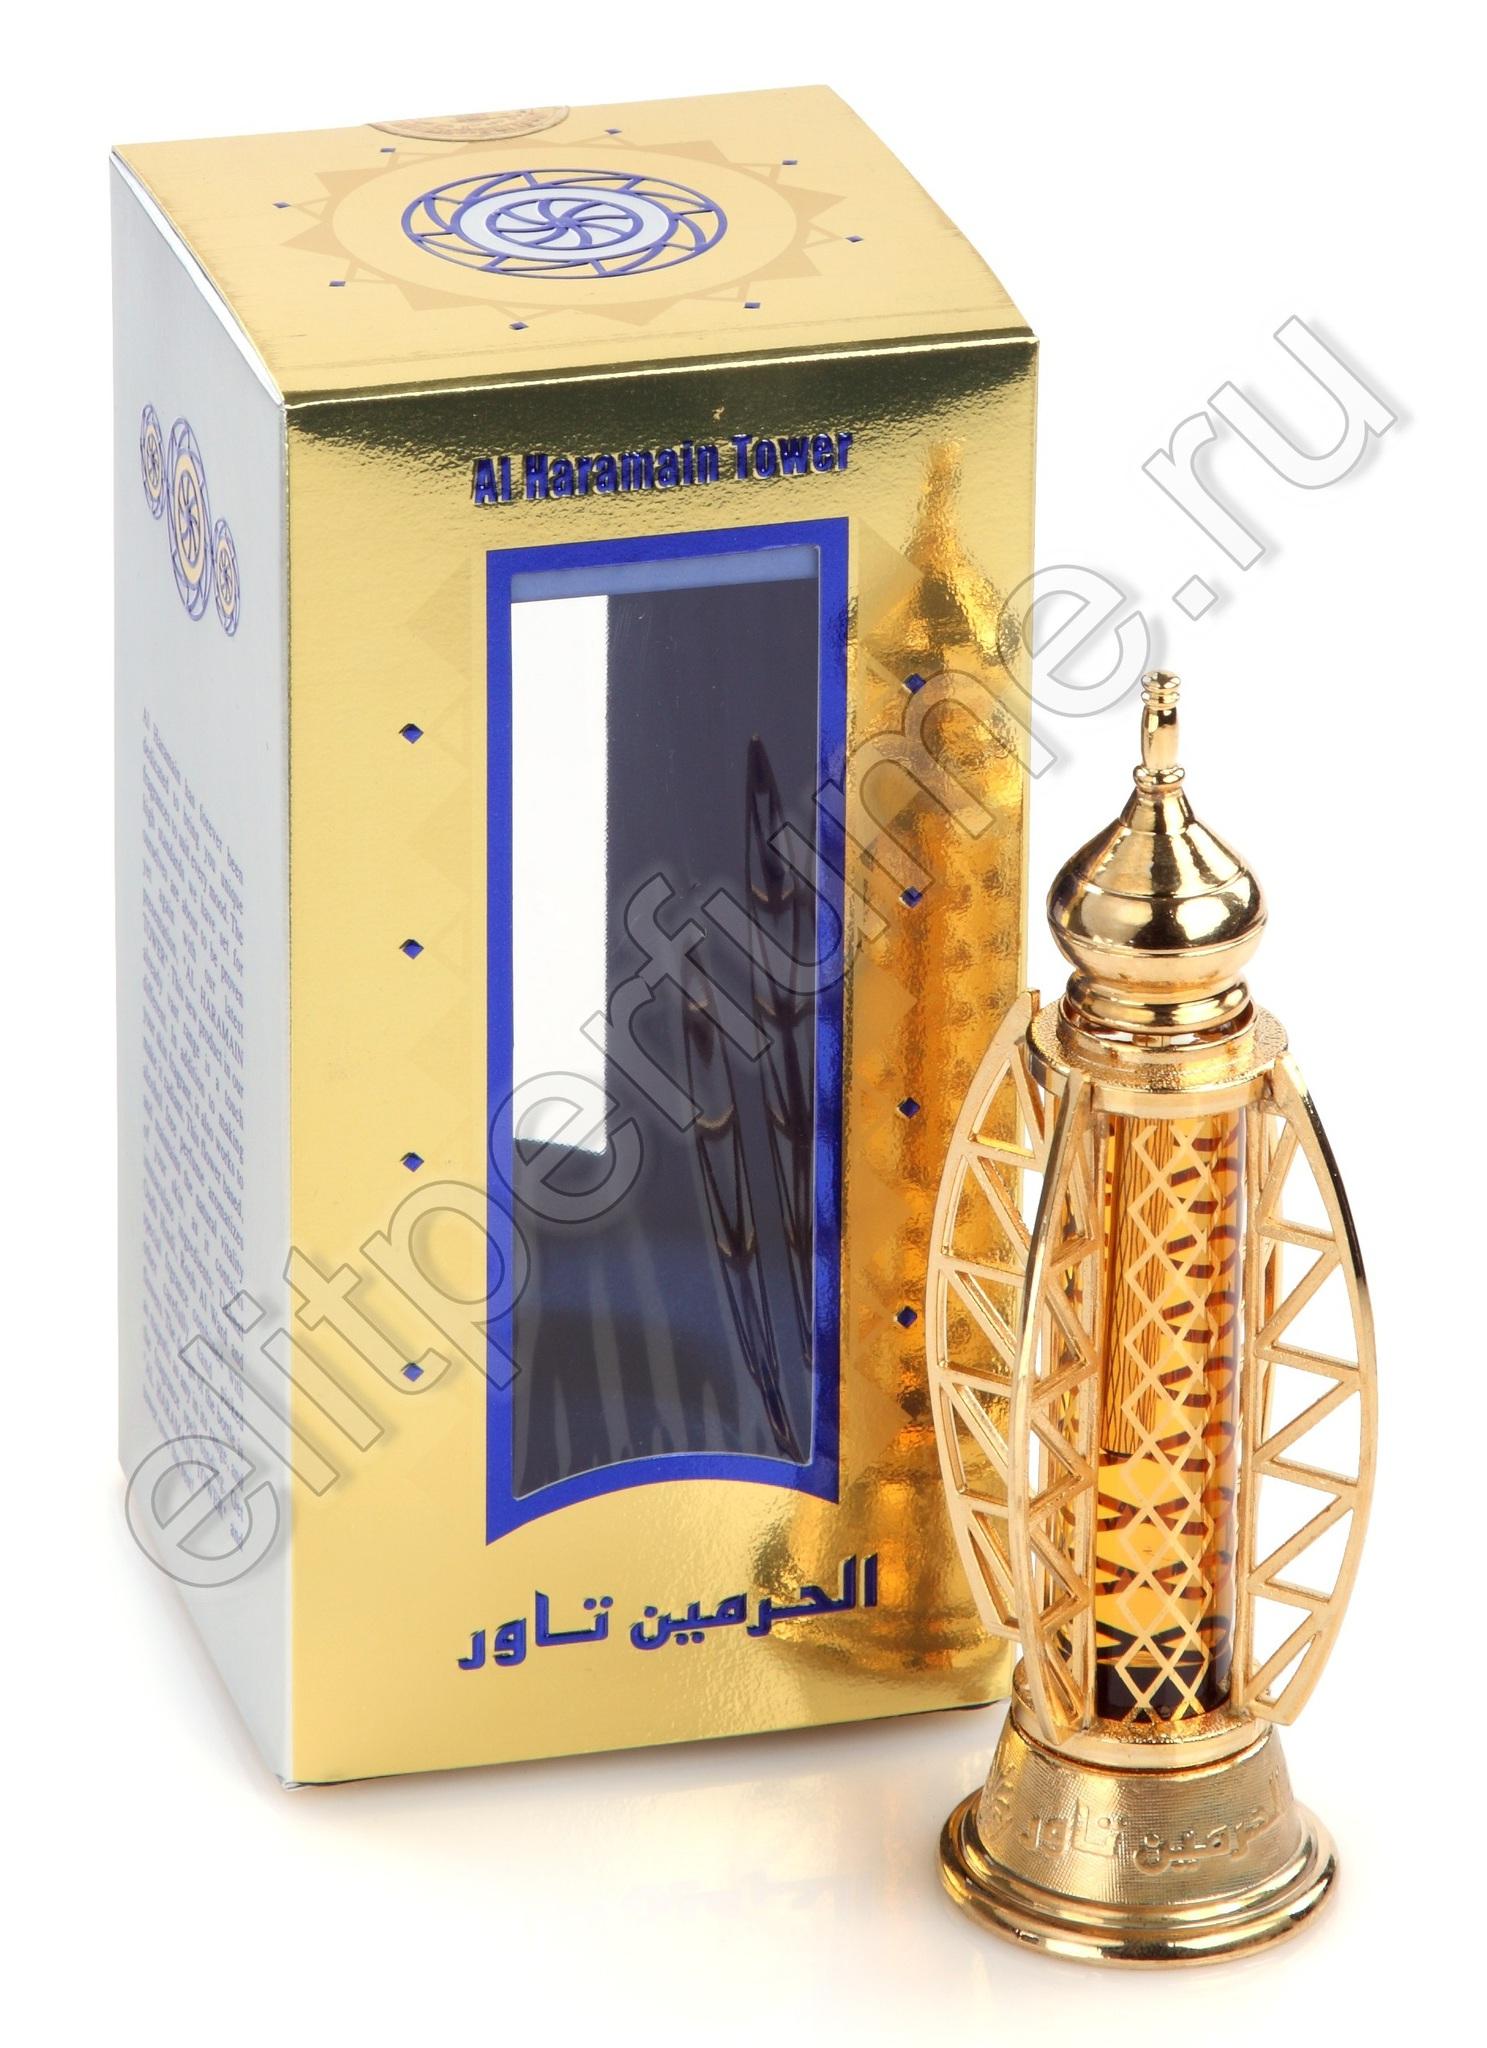 Пробники для духов Башня Аль Харамейн Al Haramain Tower 1 мл арабские масляные духи от Аль Харамайн Al Haramin Perfumes